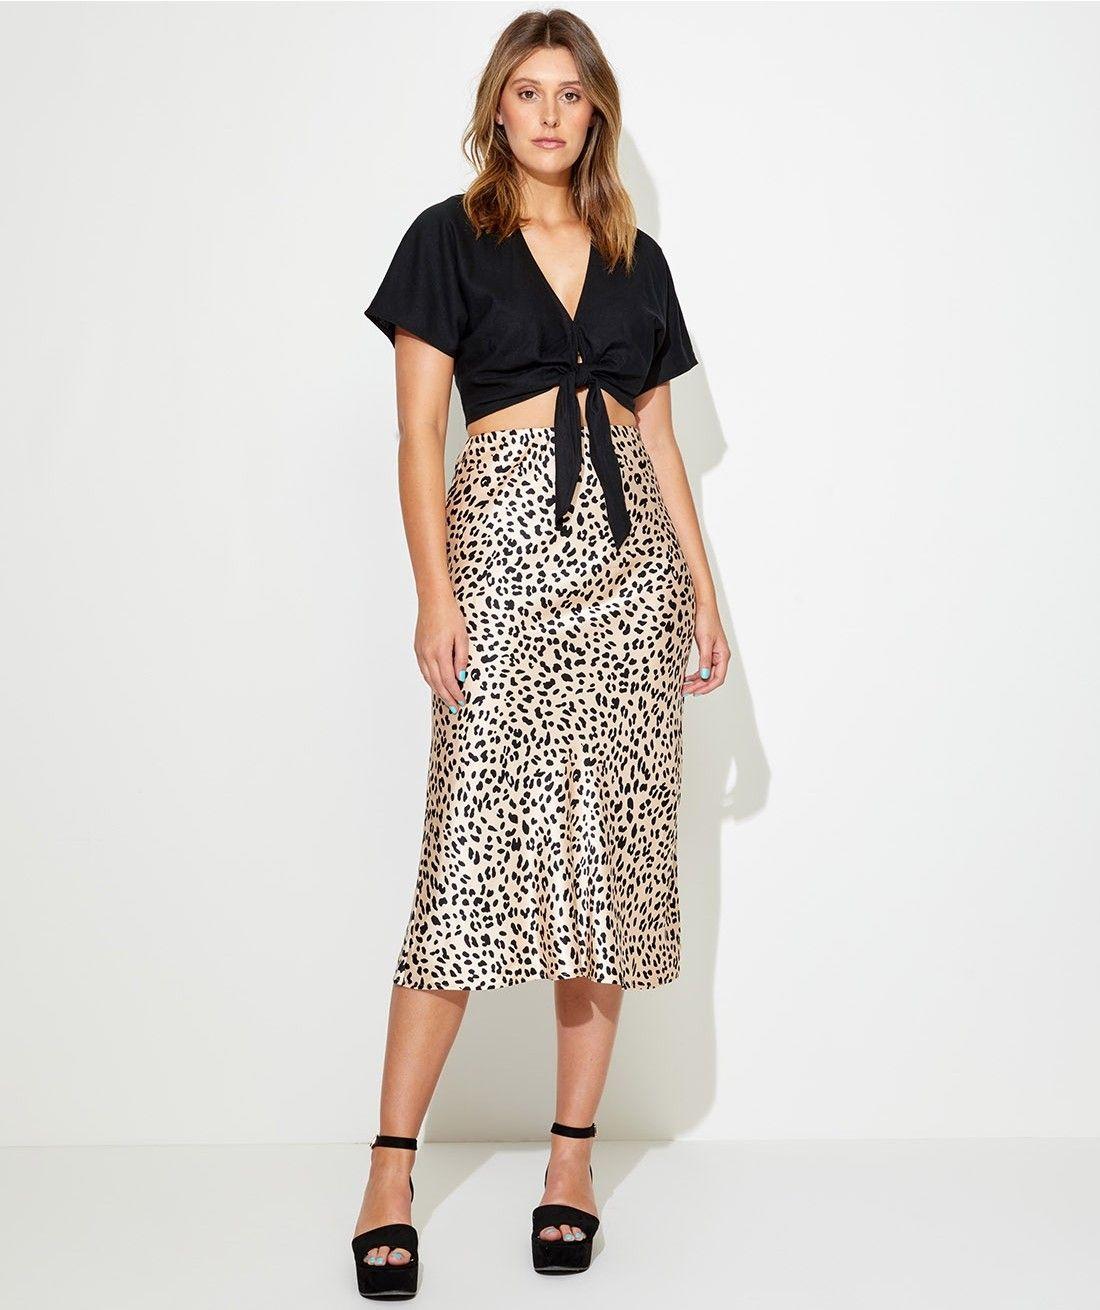 645d5d60e Animal - Satin Slip Skirt - Clothing - Sportsgirl | Personal style ...